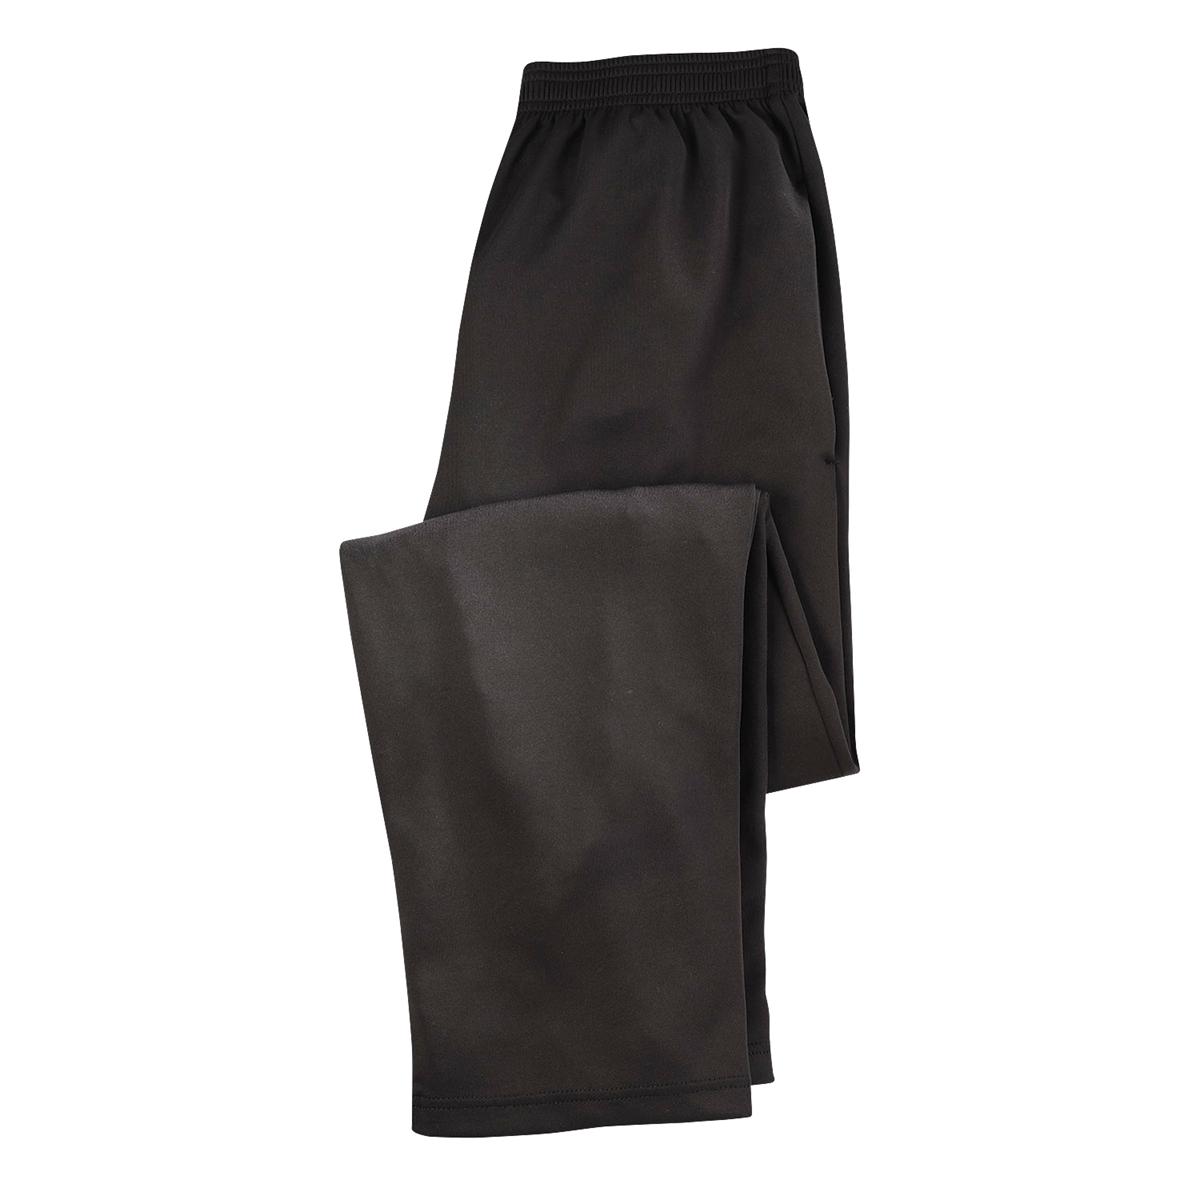 Black Pull On Ladies Pants